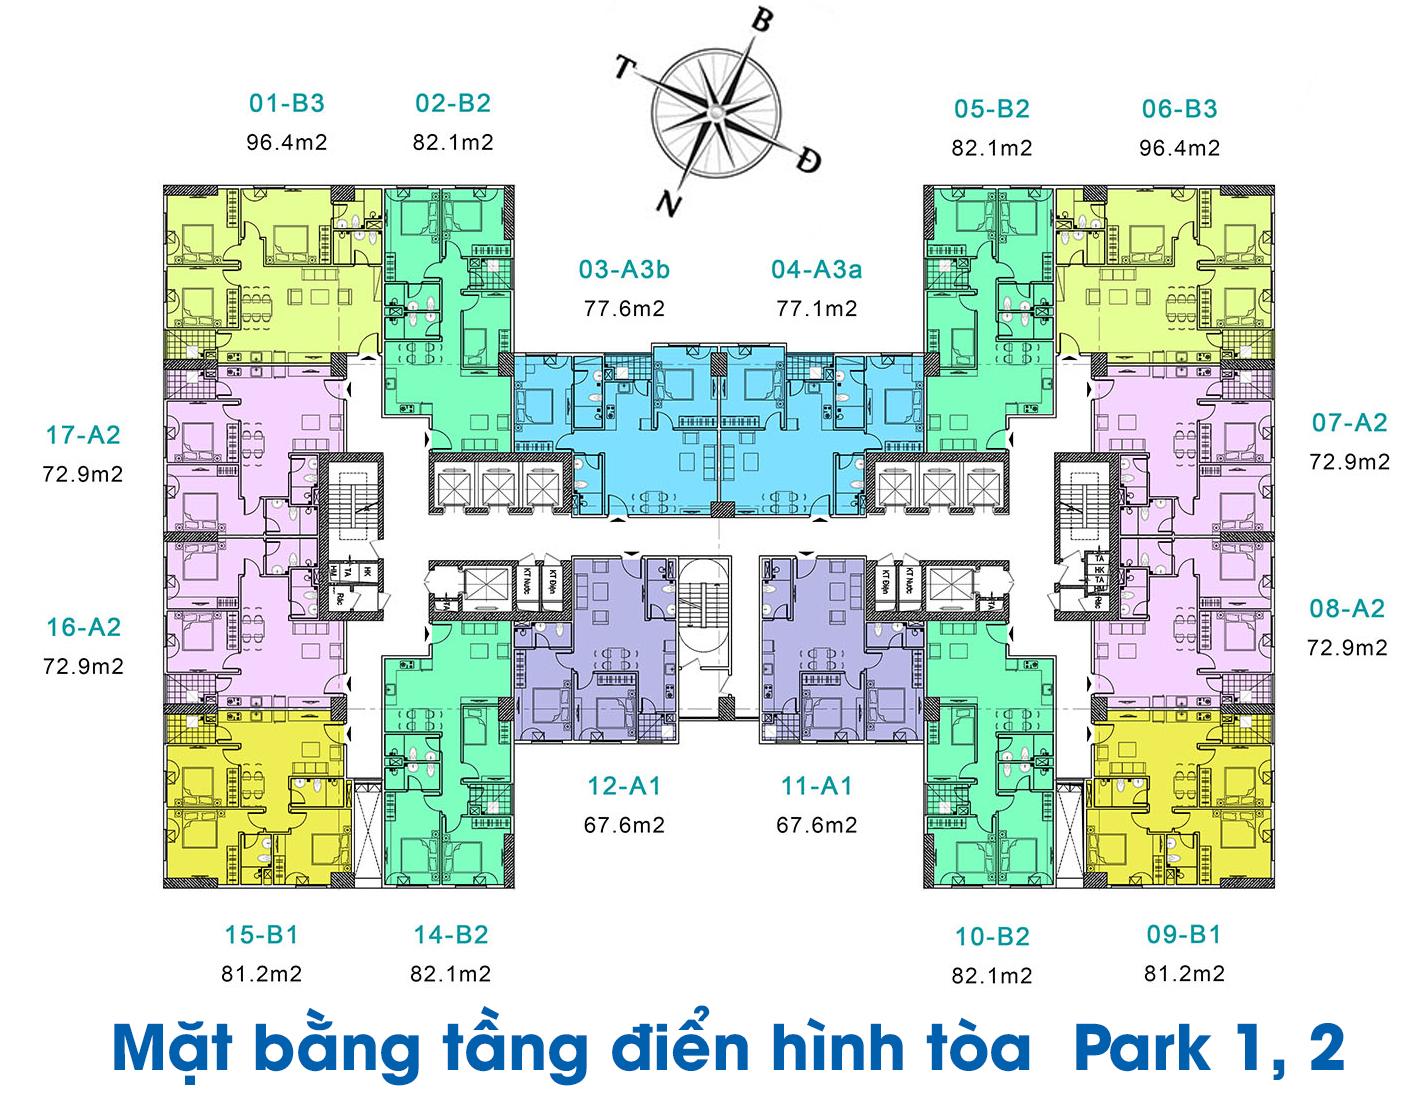 Toa-Park1-2-eurowindow-river-park